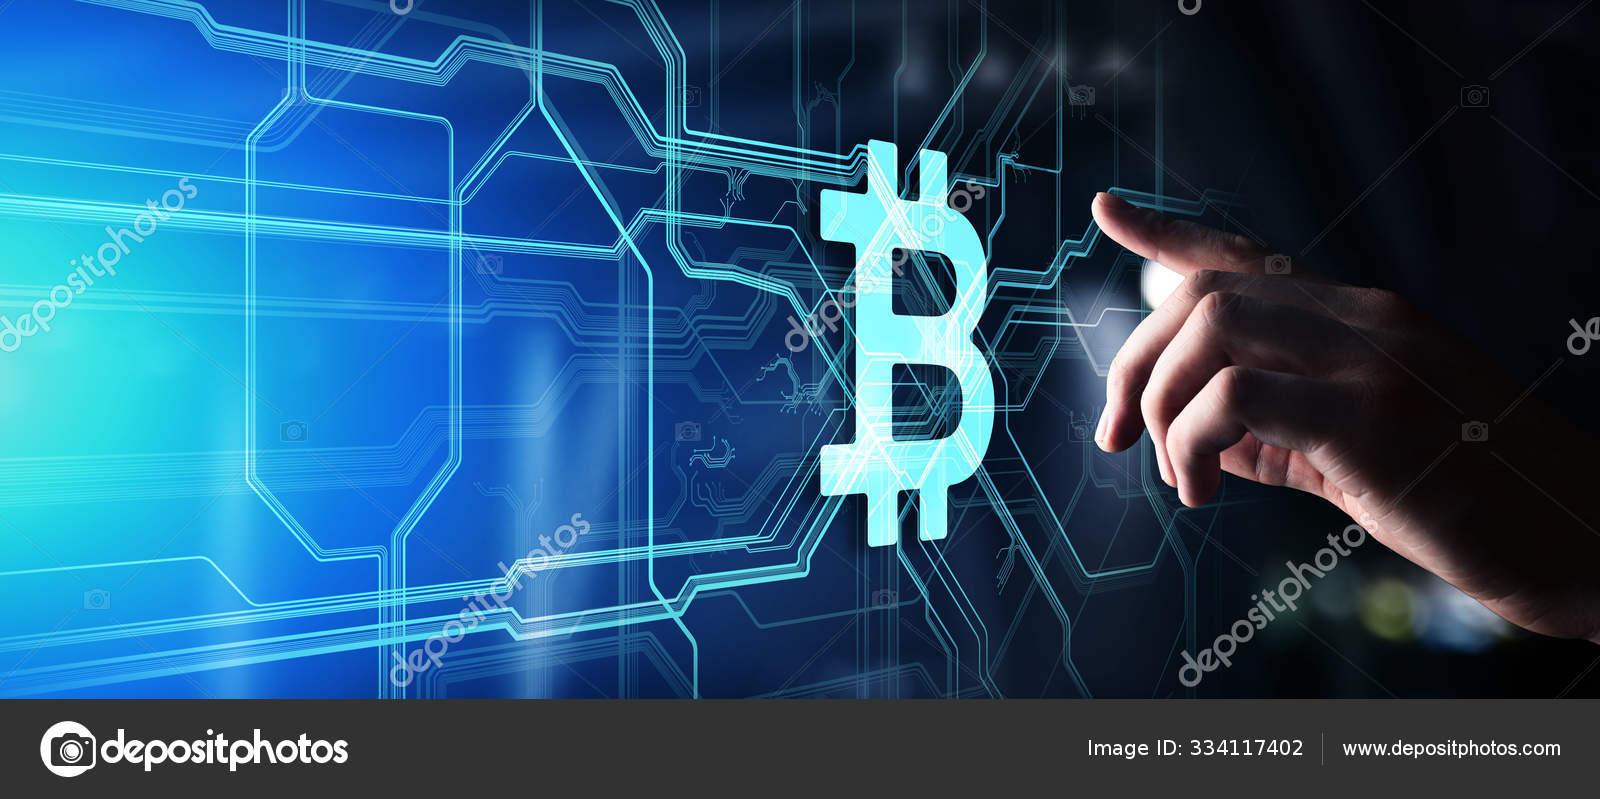 negociação de bitcoin em dinheiro trailer de lucro criptográfico